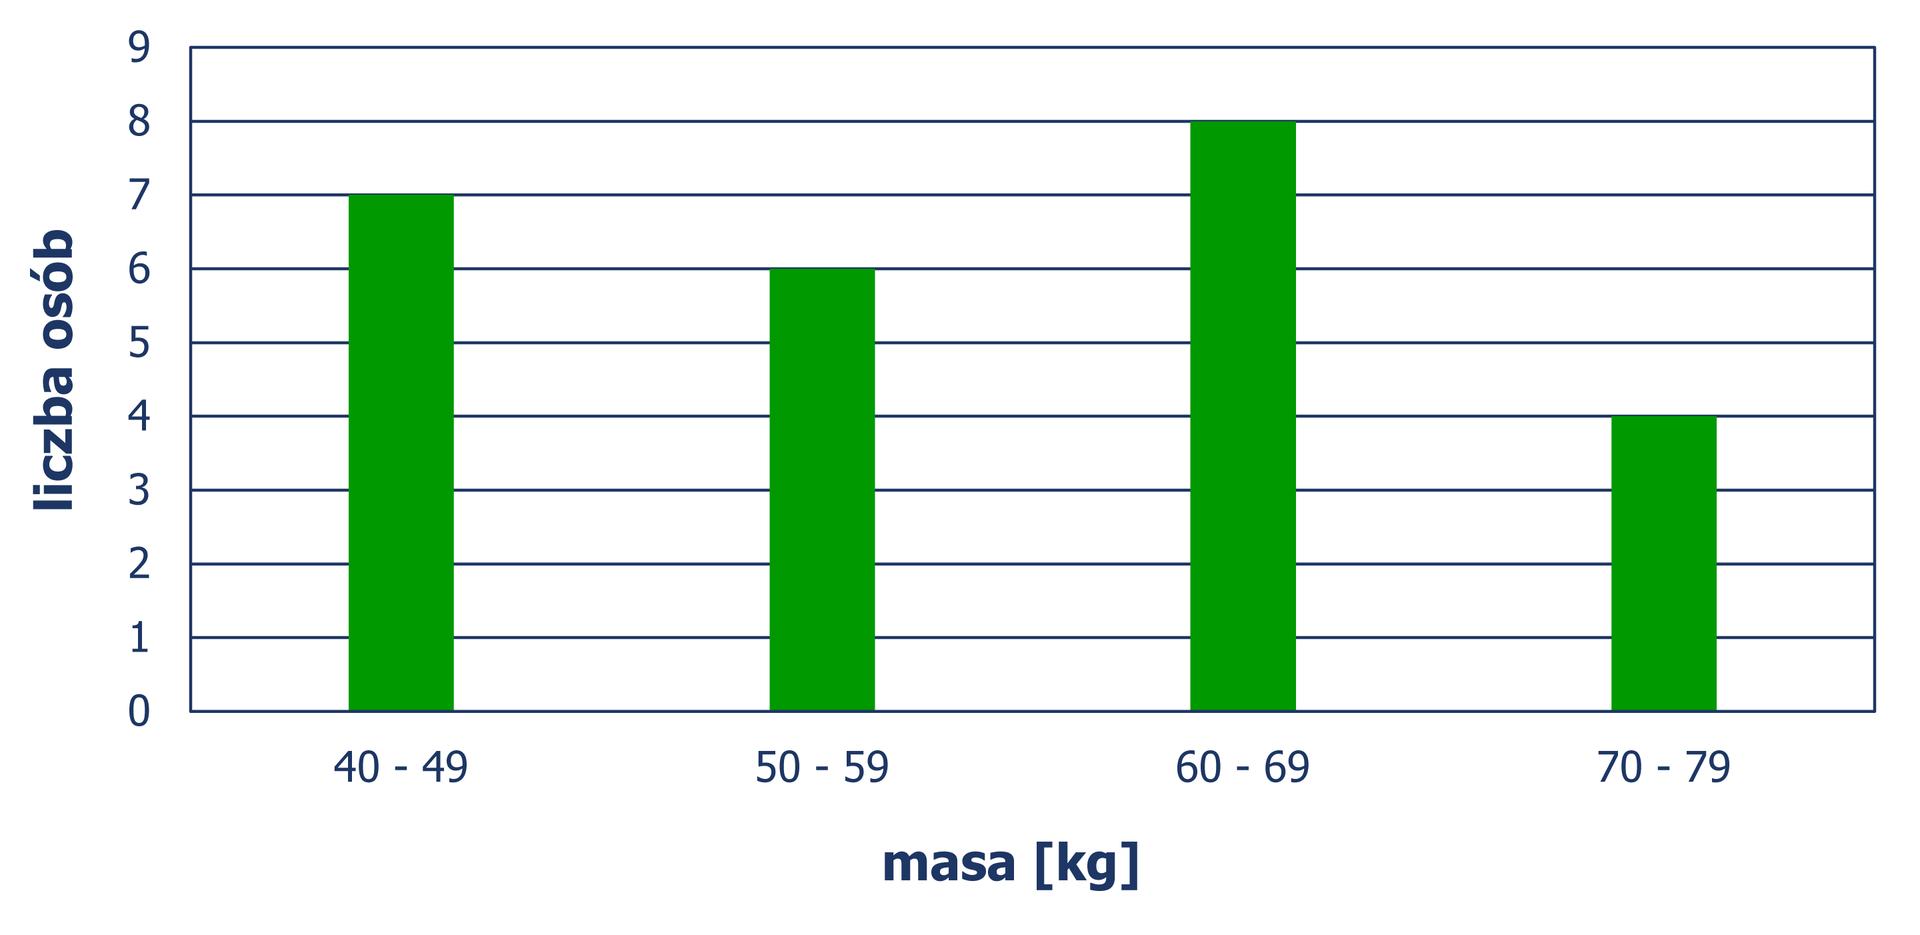 Diagram słupkowy pionowy, zktórego odczytujemy liczbę osób wzależności od masy ciała. Masę 40 kg – 49 kg ma 7 osób. Masę 50 kg – 59 kg ma 6 osób. Masę 60 kg – 69 kg ma 8 osób. Masę 70 kg – 79 kg mają 4 osoby. Diagram jest rozwiązaniem zadania.